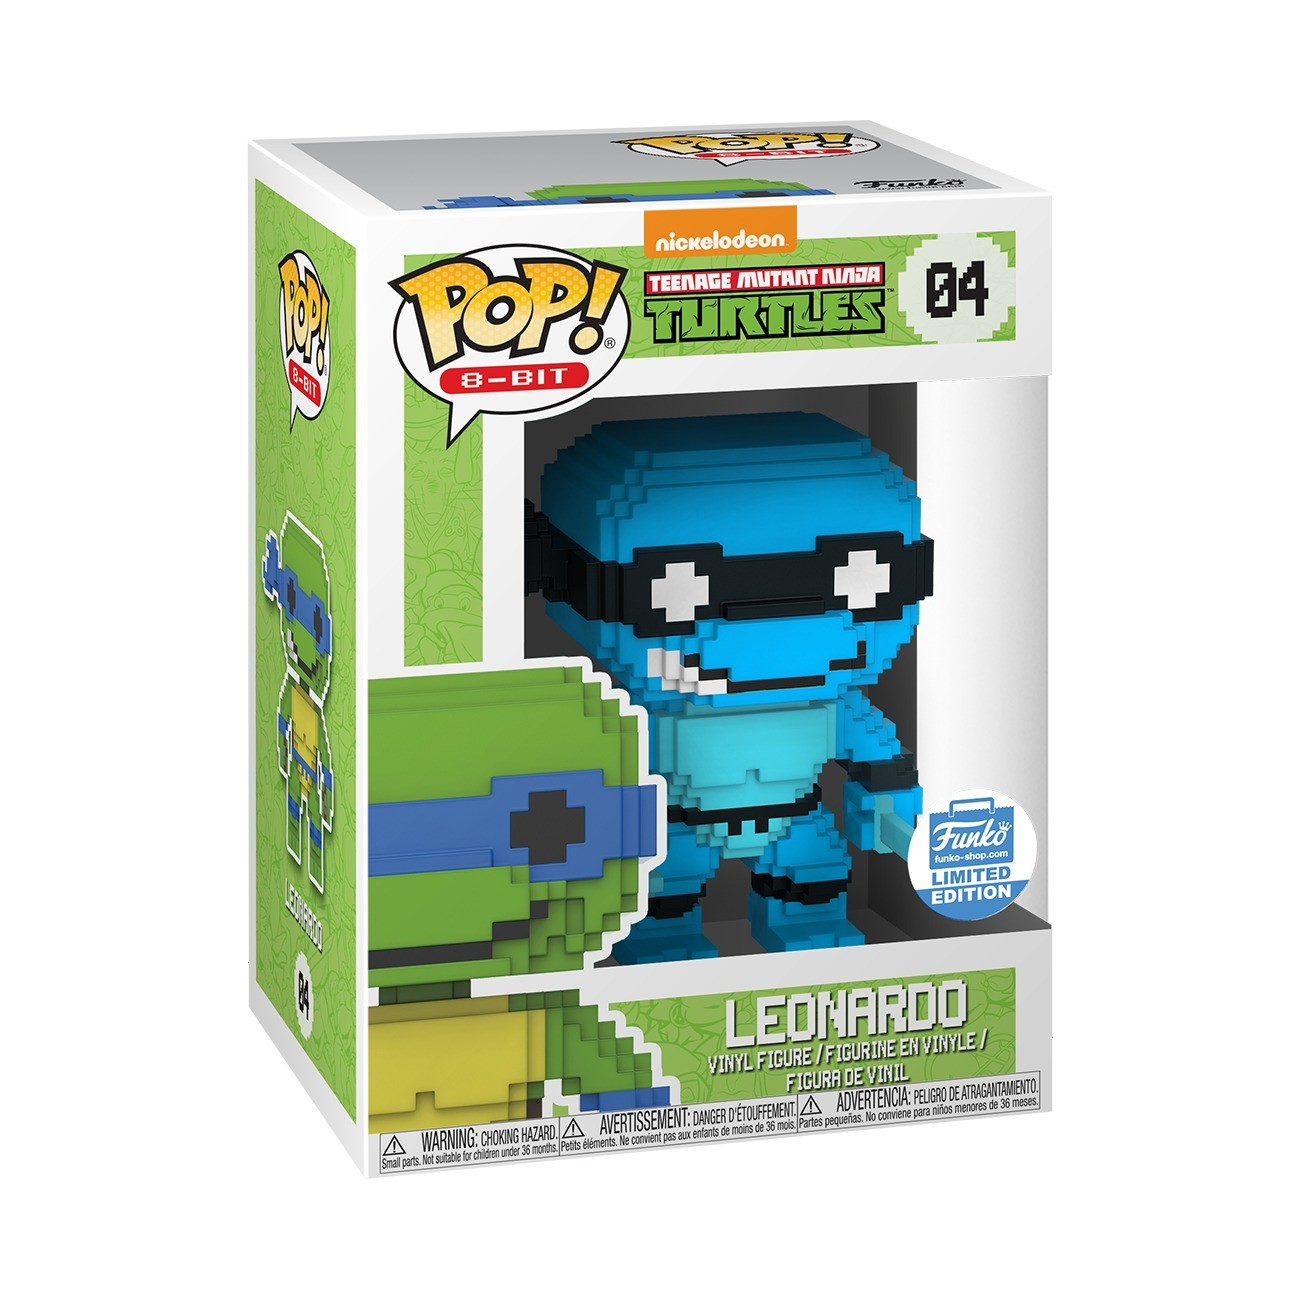 Neon Leonardo 8-Bit POP Teenage Mutant Ninja Turtles